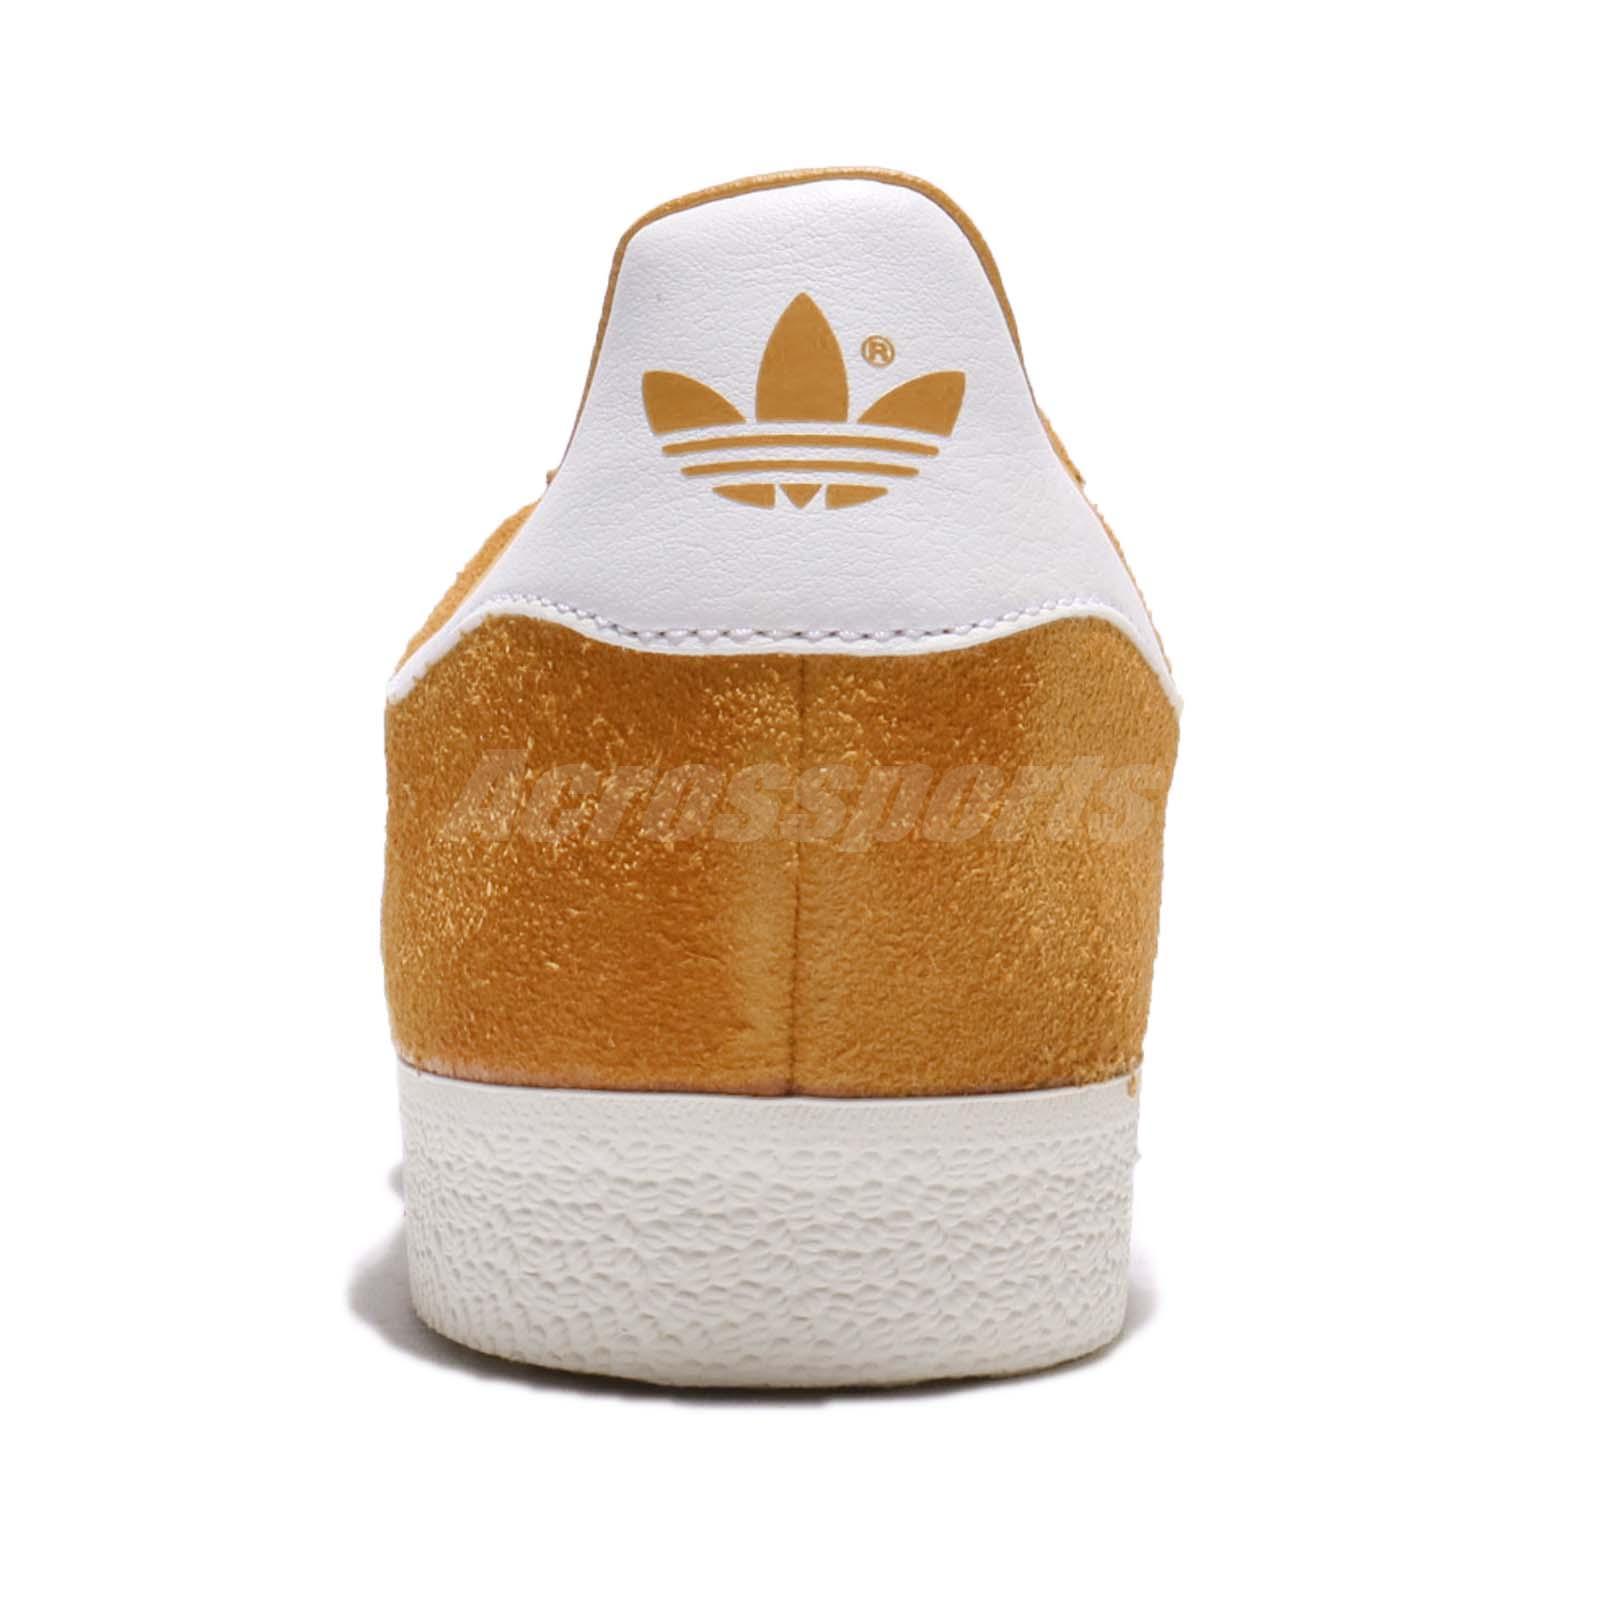 Adidas originali gazzella collegiale oro gelato, gli uomini bianchi, scarpe